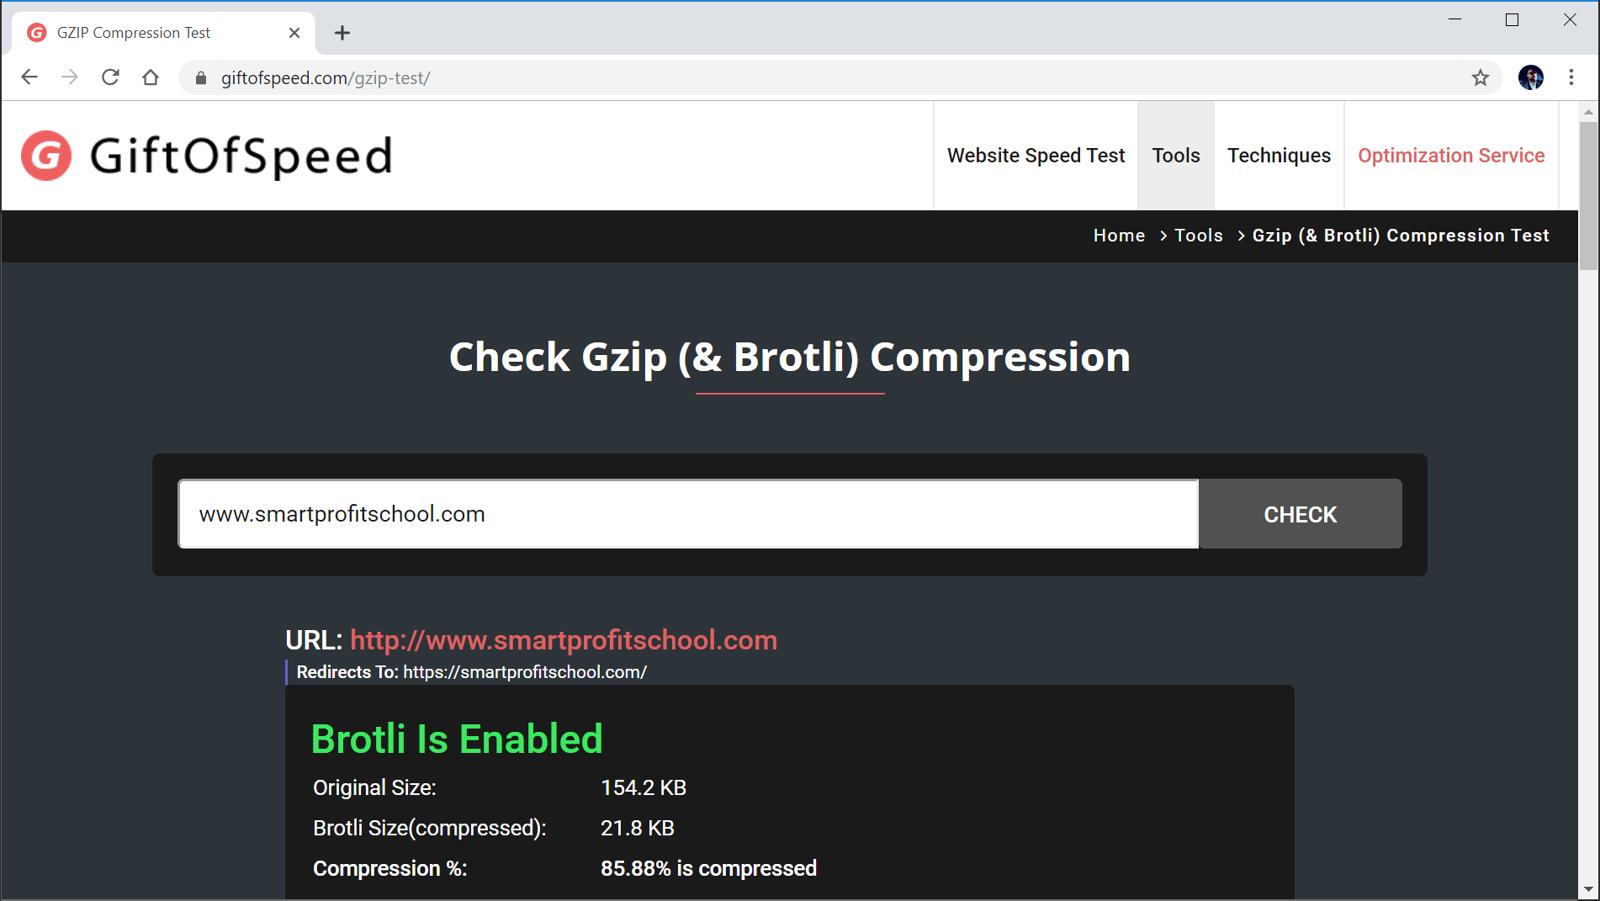 Testing Gzip compression